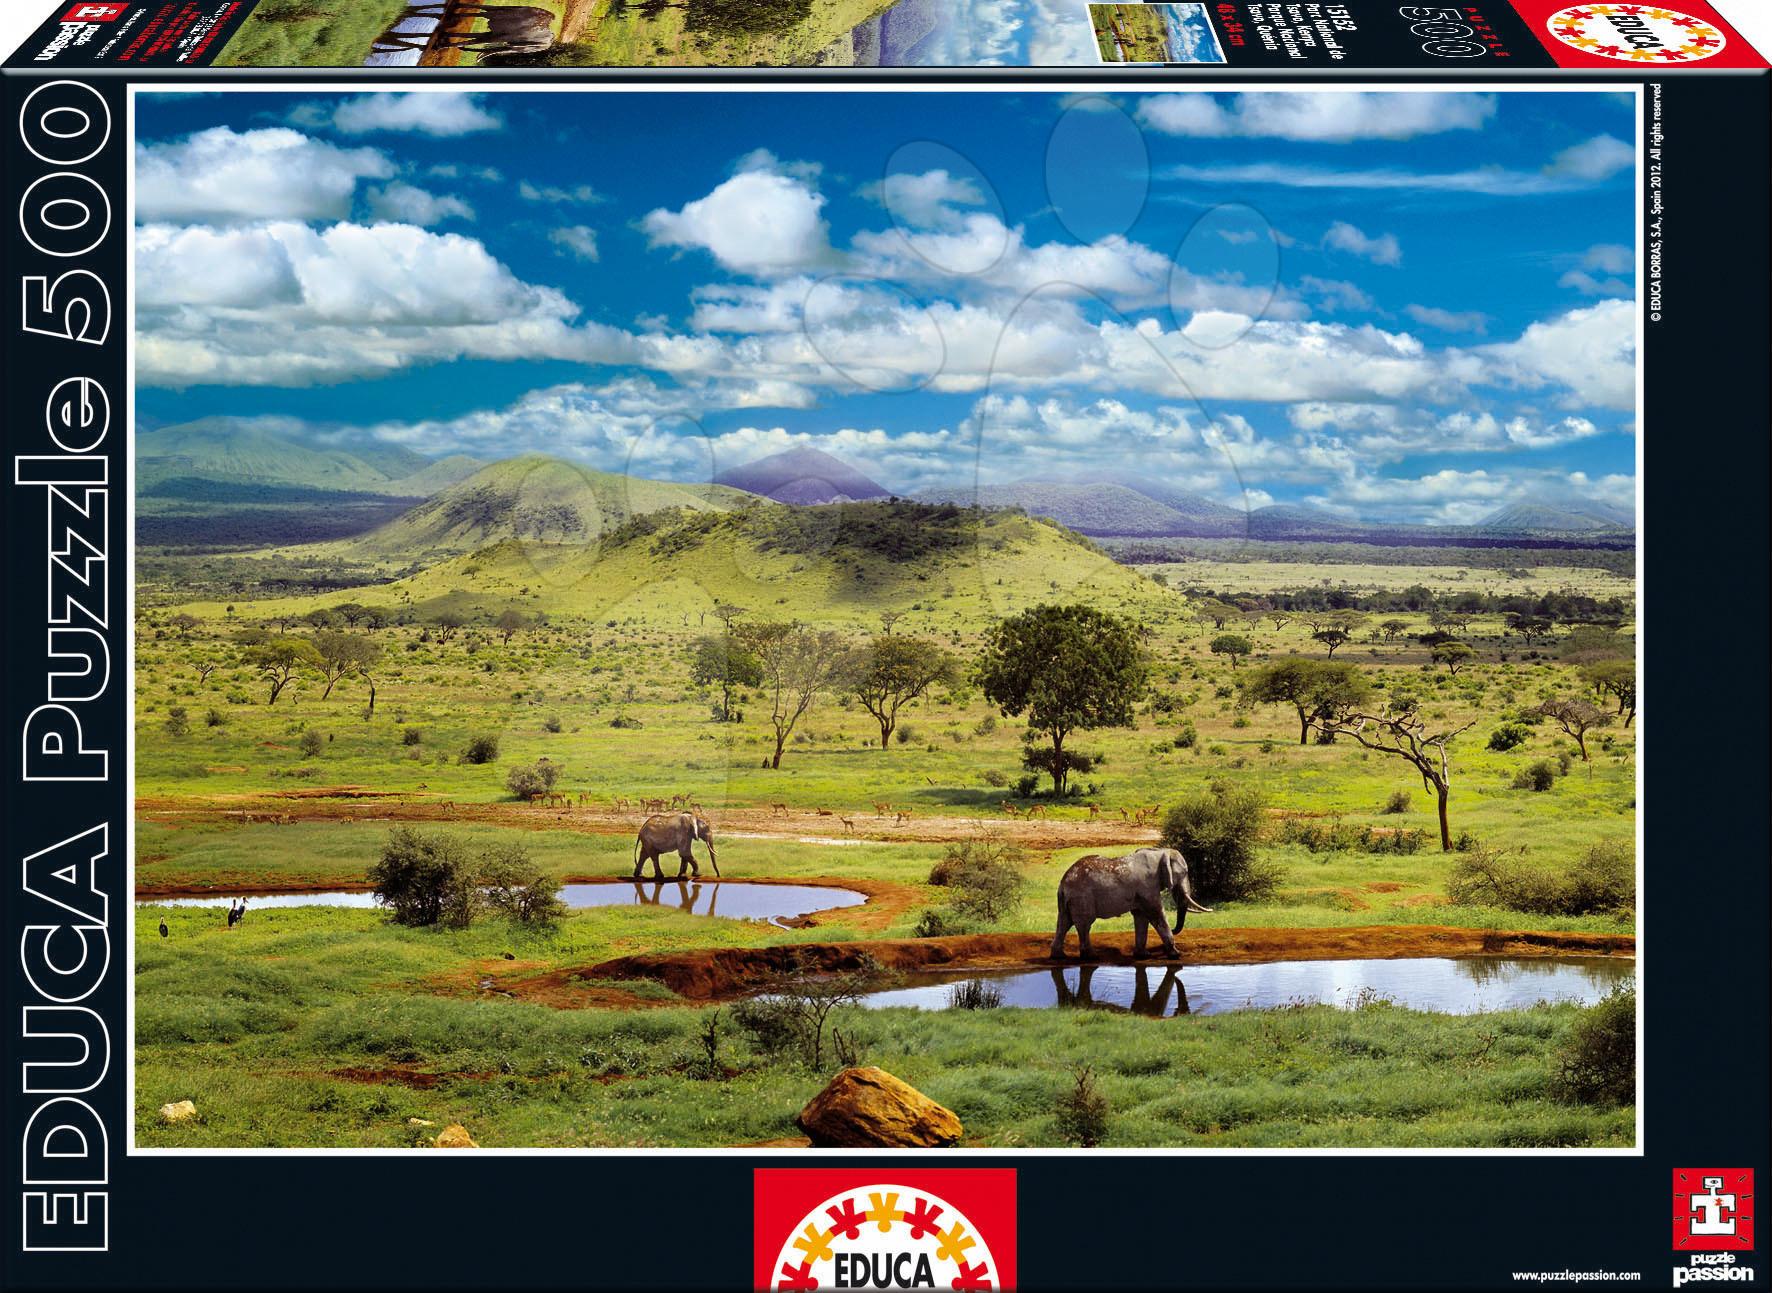 Puzzle 500 dielne - Puzzle Národný park Tsavo, Kenya Educa 500 dielov od 11 rokov